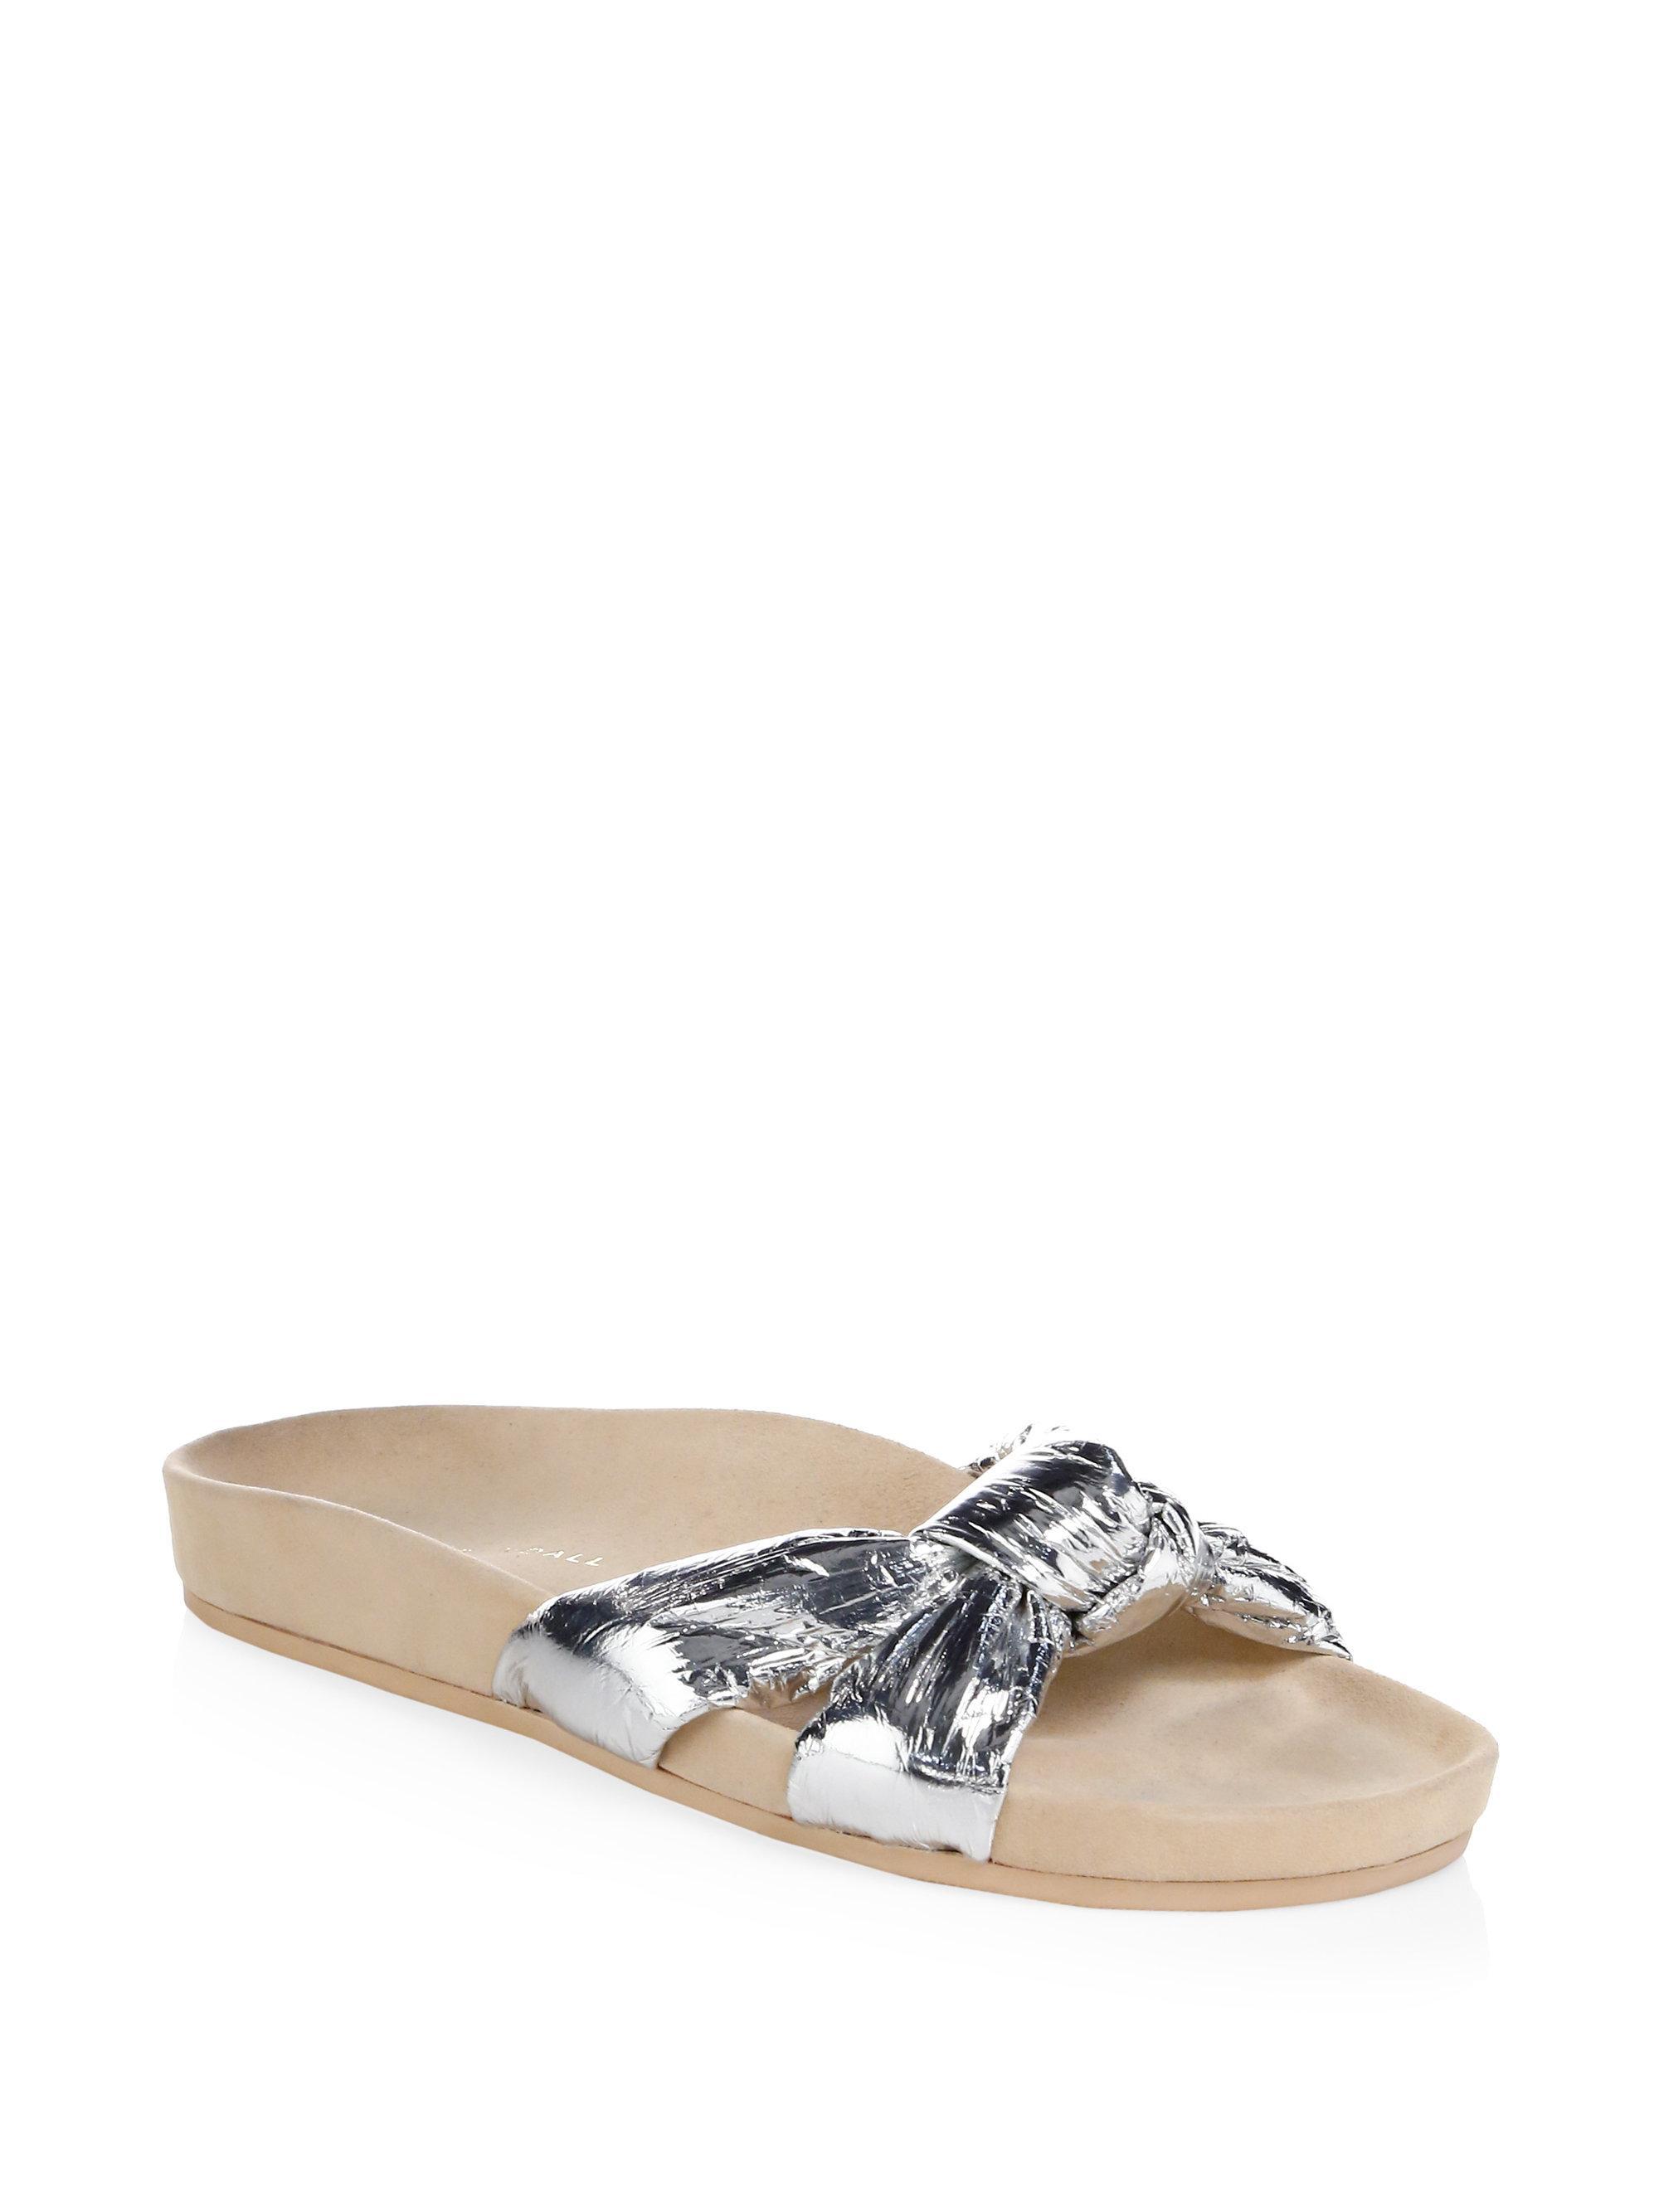 Loeffler Randall Gertie Metallic Sandals Hv8ZIOw